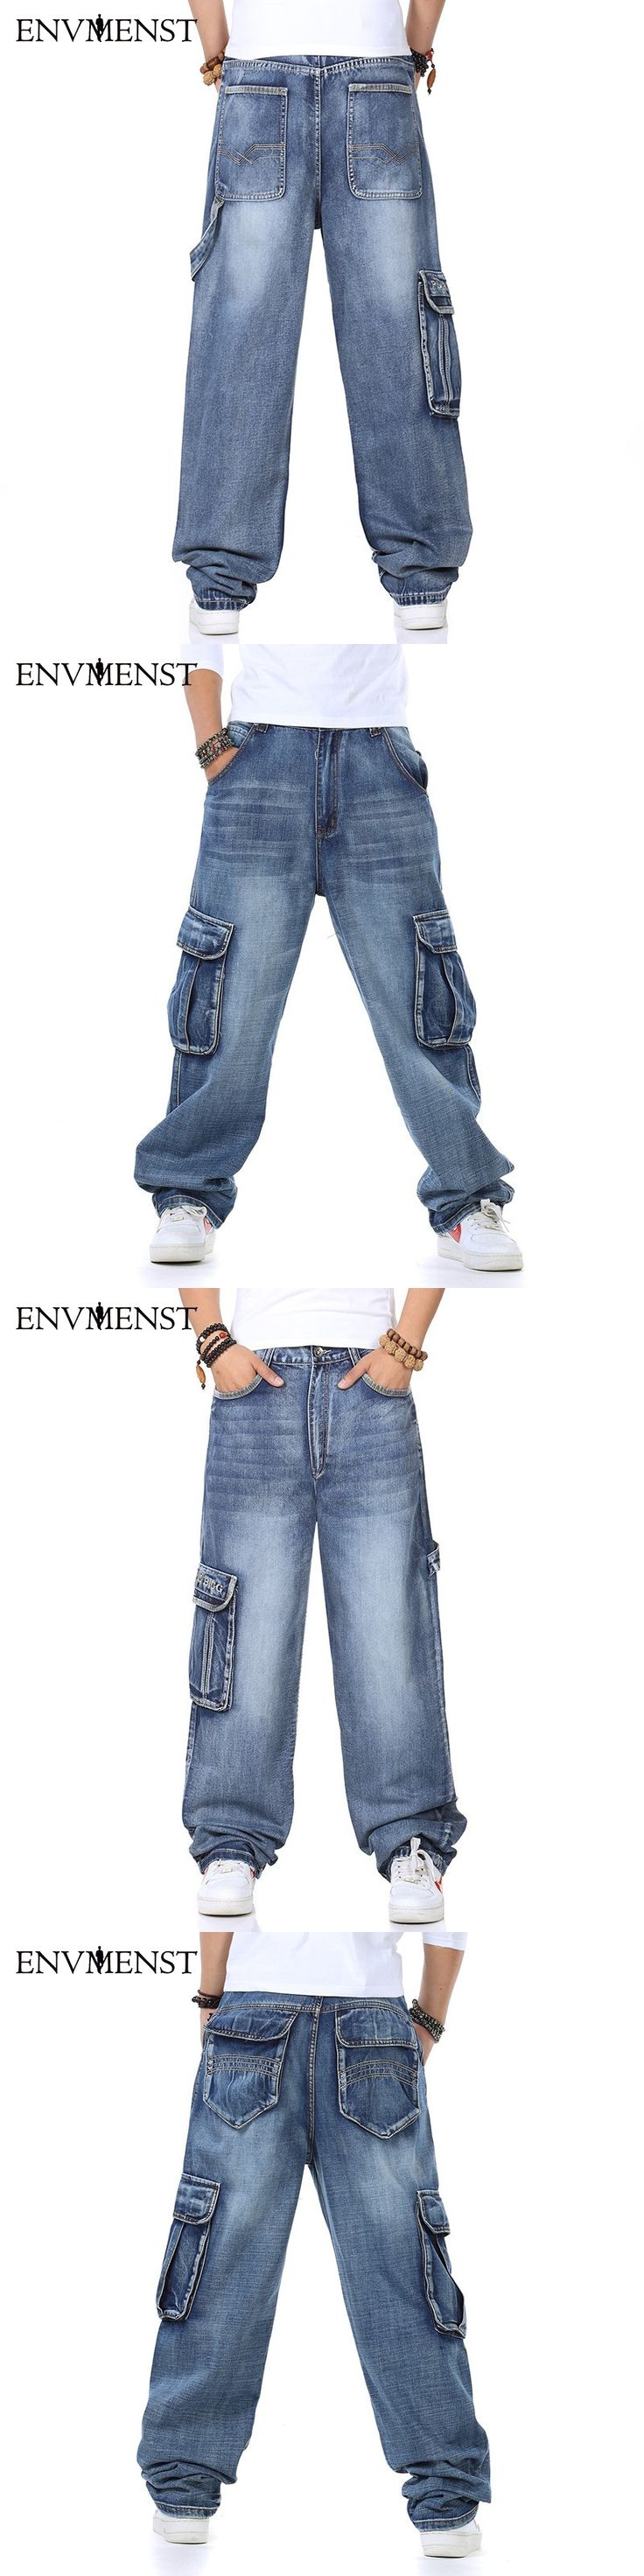 2017 Men's Cargo Jeans Pants Multi Pocket Hip Hop Designer Baggy Jeans Men's Loose Fit Casual Trousers Cotton Supper Big Size 46